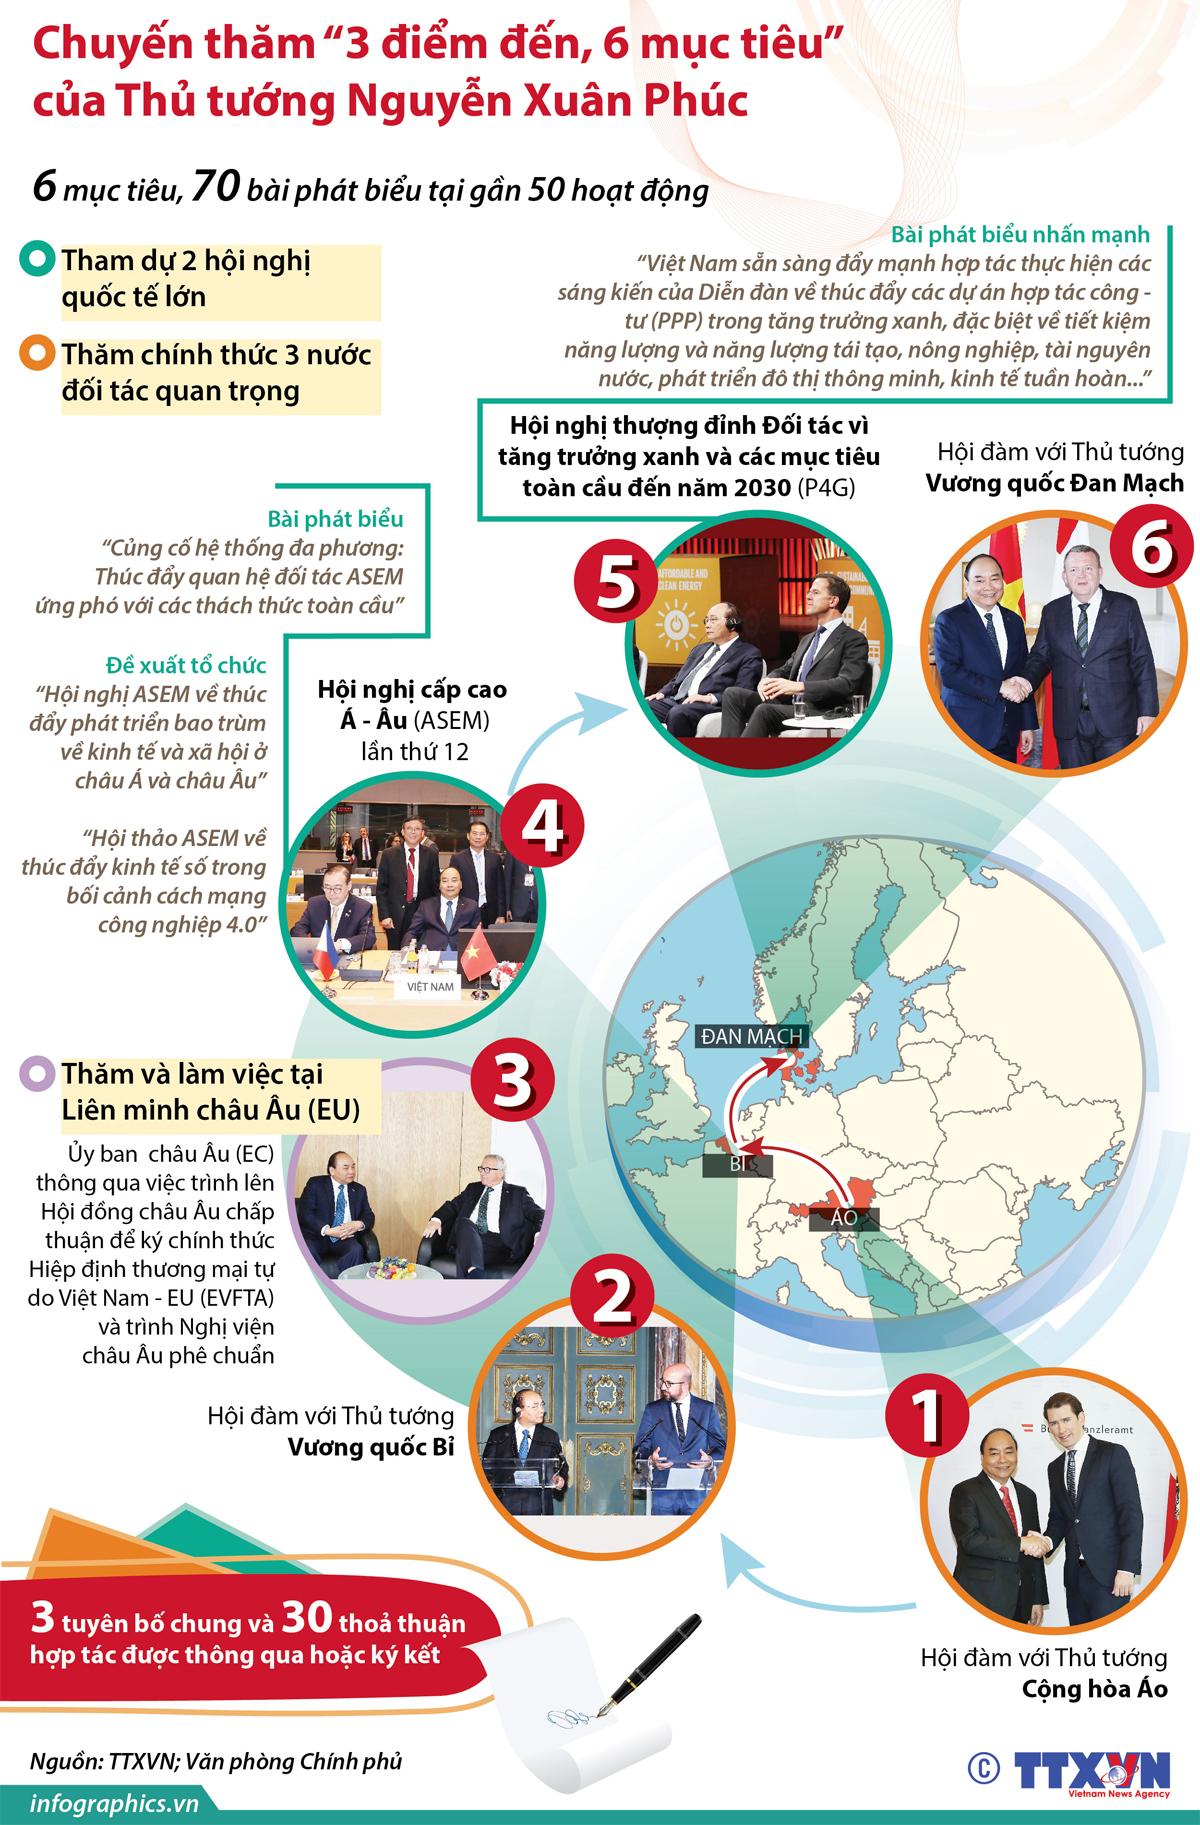 Máy tihs, Thủ tướng Nguyễn Xuân Phúc, Thủ tướng thăm châu Âu, Chuyến thăm